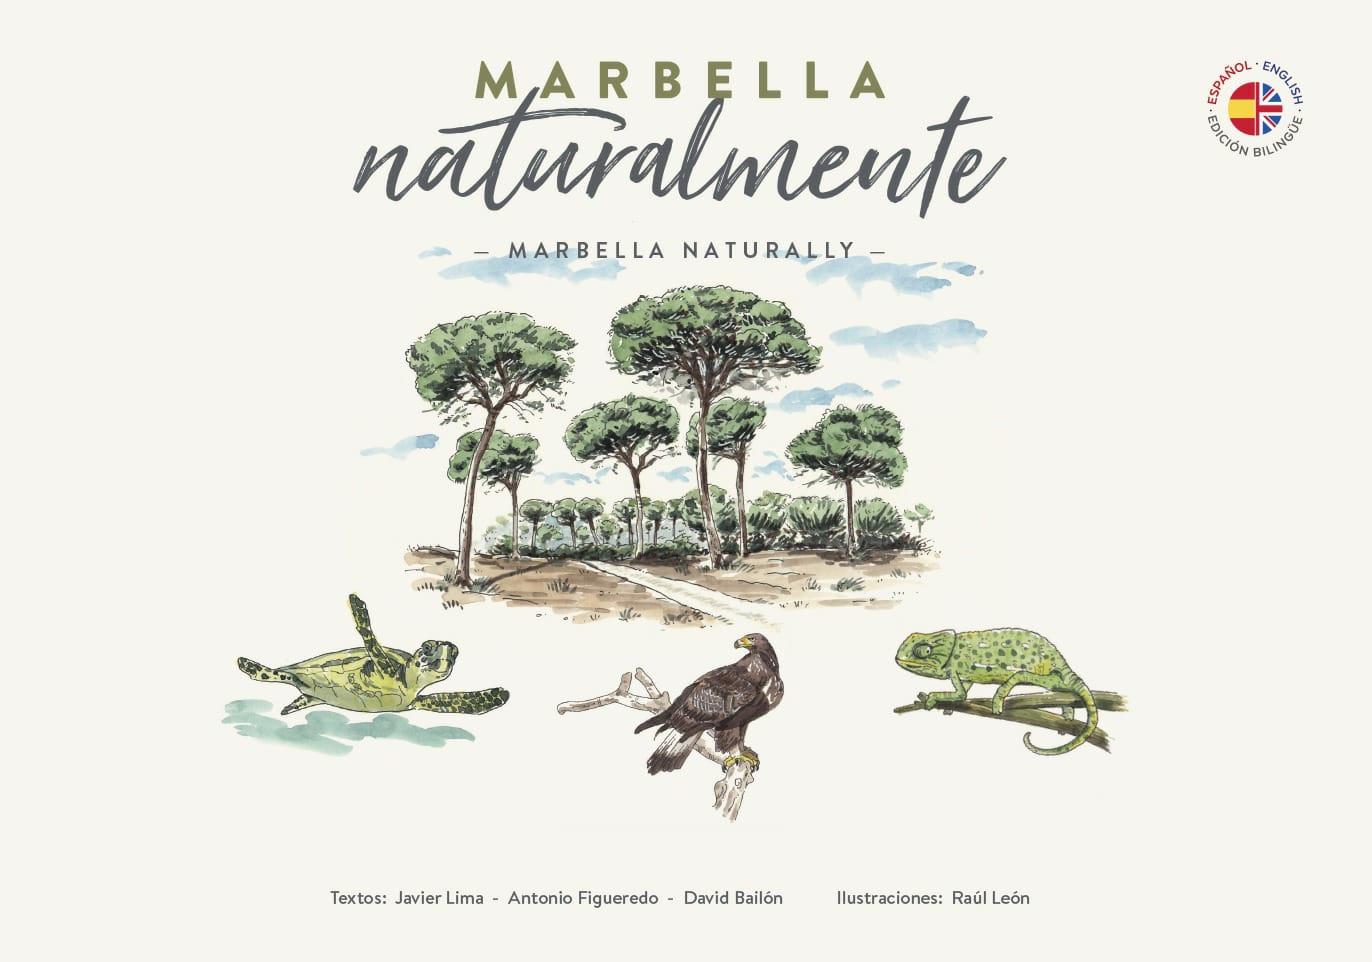 MARBELLA NATURALMENTE